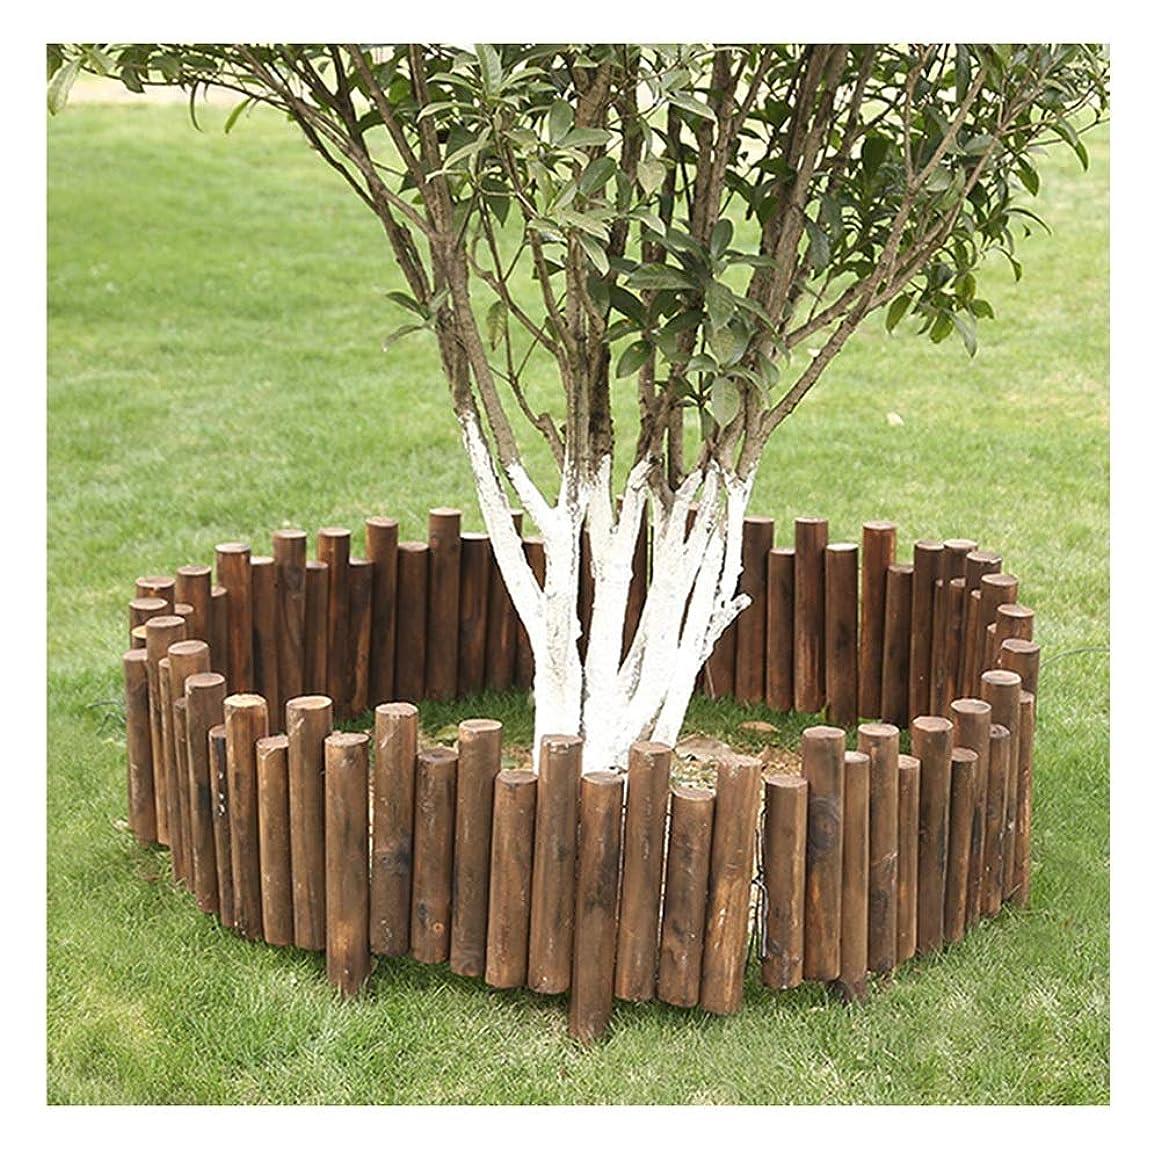 政治石鹸ポーターZHANWEI 庭のフェンス 木製 花壇 風景 デコラティブ ガーデンエッジ 垣 柵、 5サイズ (Color : 1pc, Size : 100x15/20cm)